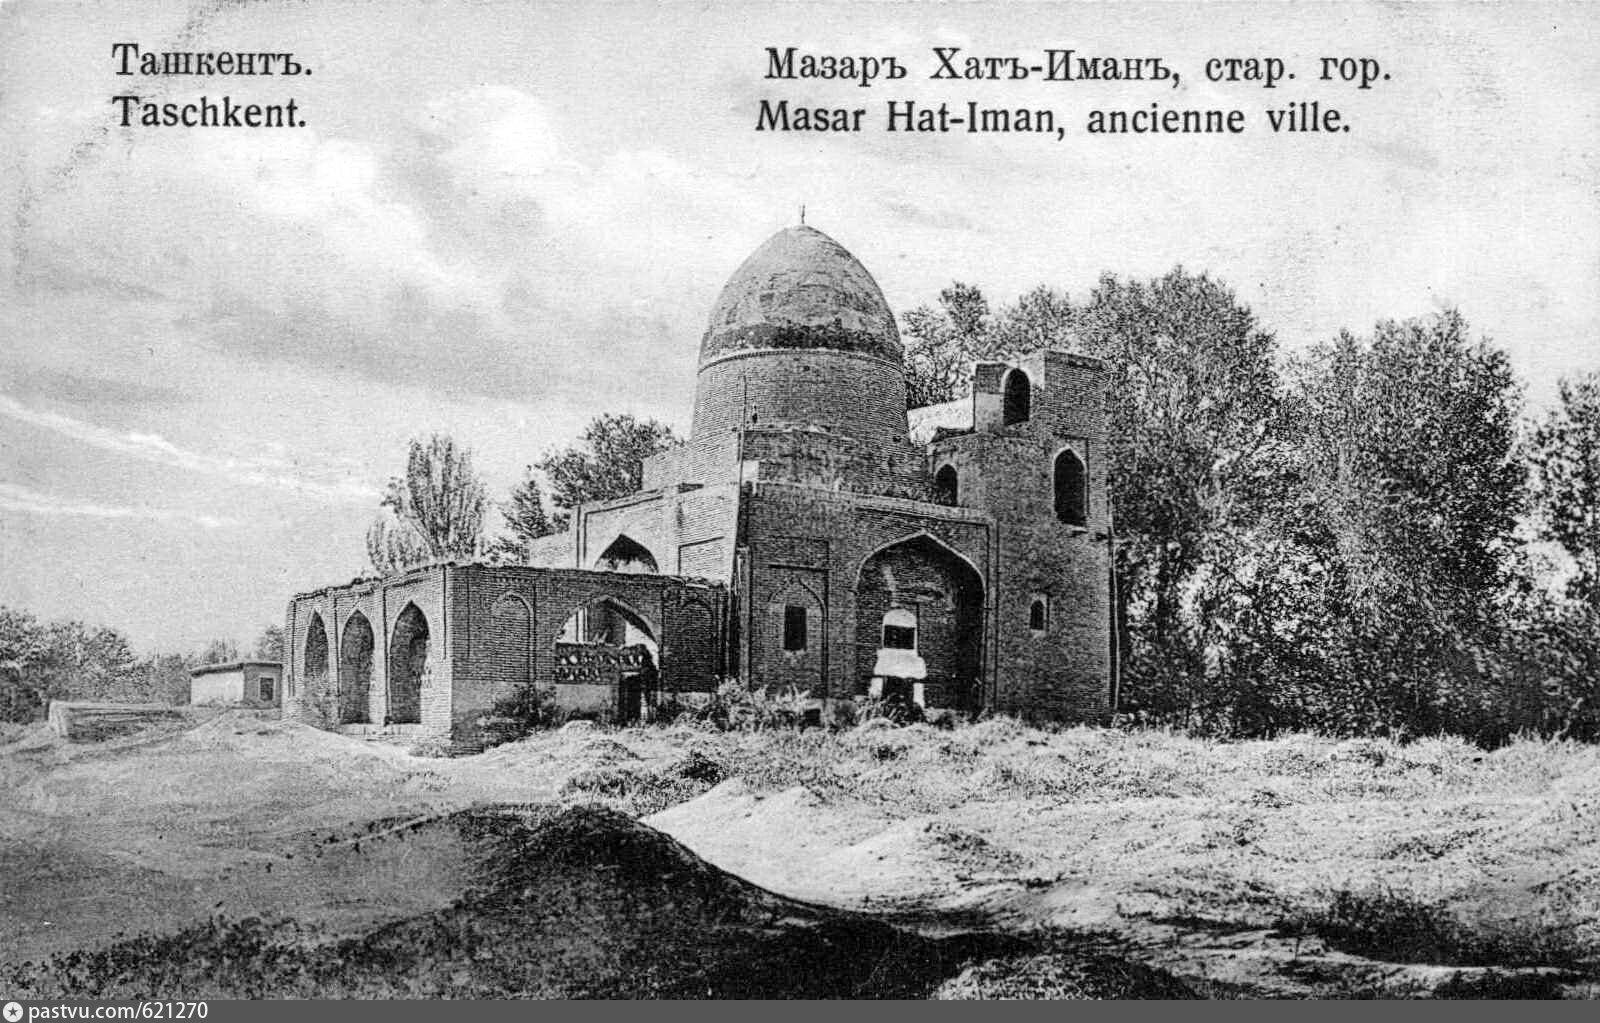 Алайский базар Ташкент  advantourcom